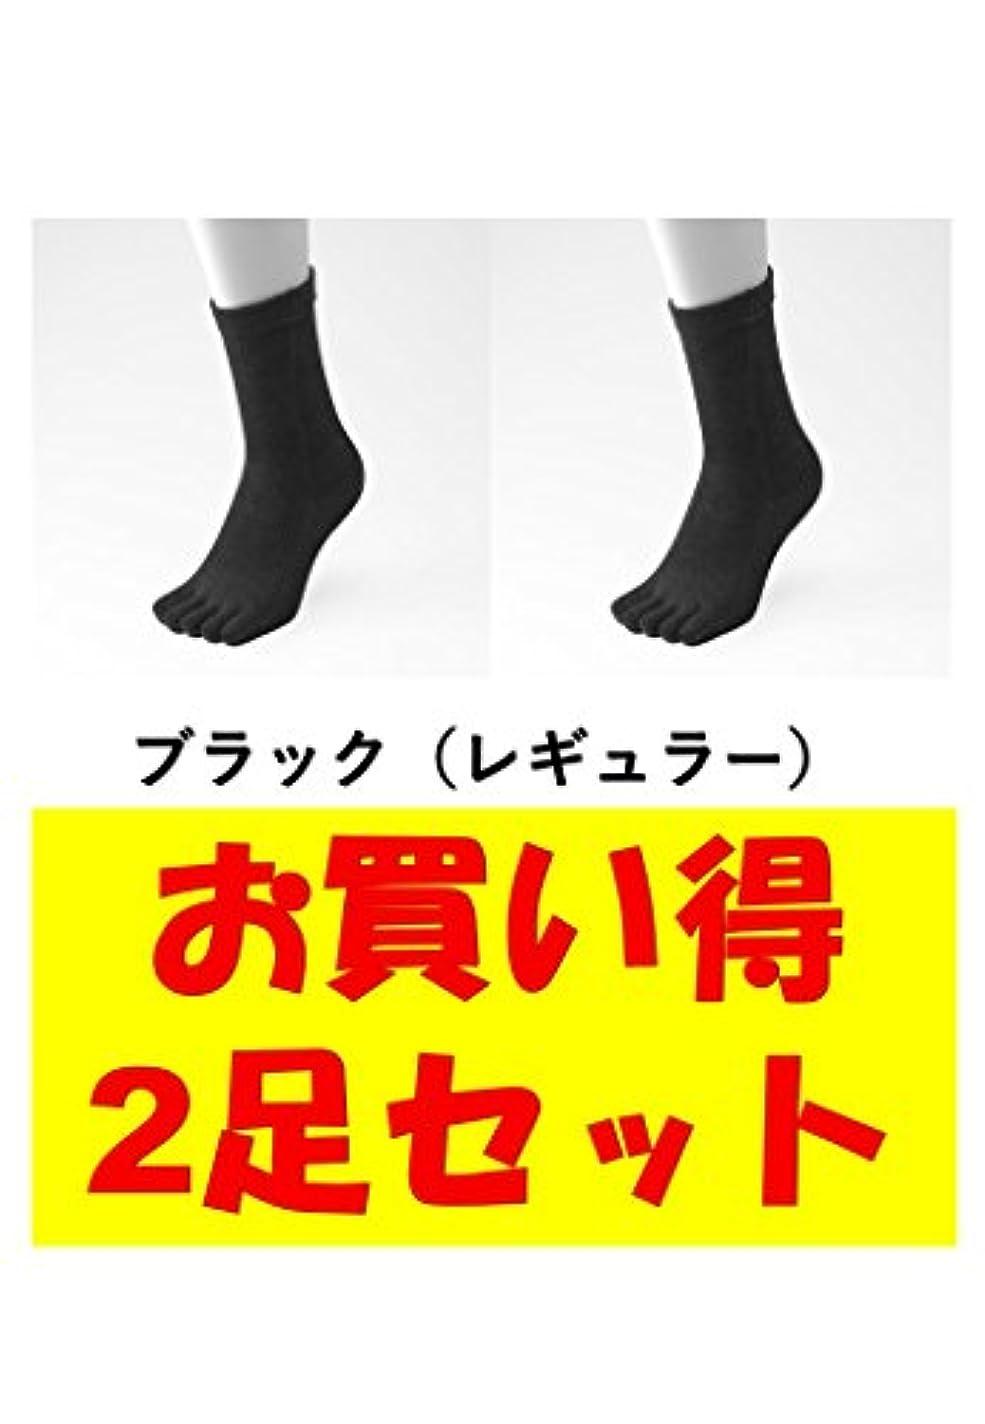 シガレットハウスかんたんお買い得2足セット 5本指 ゆびのばソックス ゆびのばレギュラー ブラック 女性用 22.0cm-25.5cm HSREGR-BLK